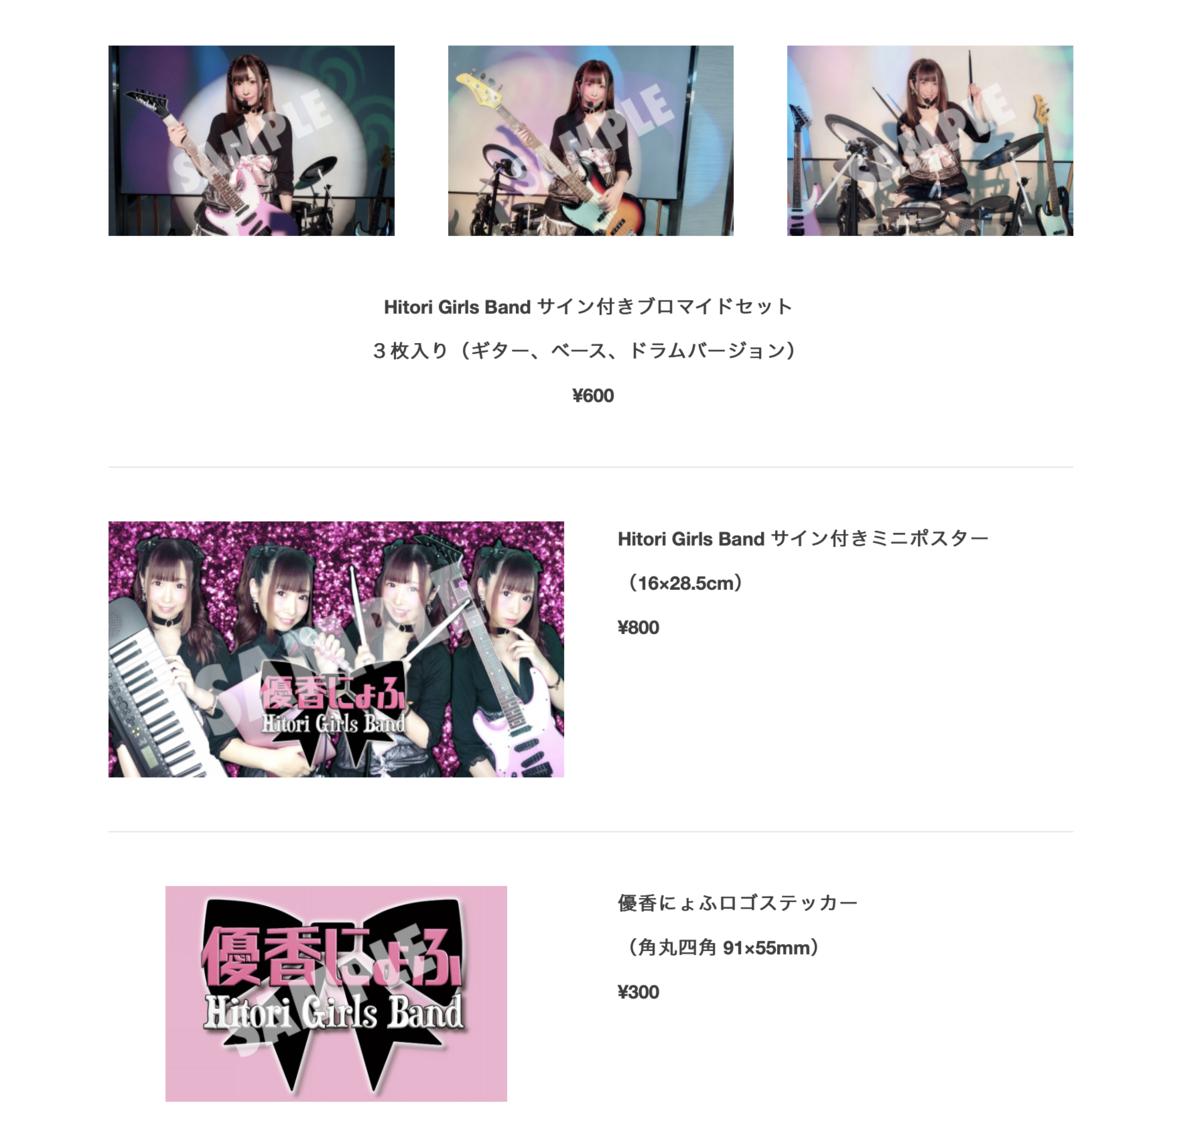 f:id:yukanyohu:20210223223340p:plain